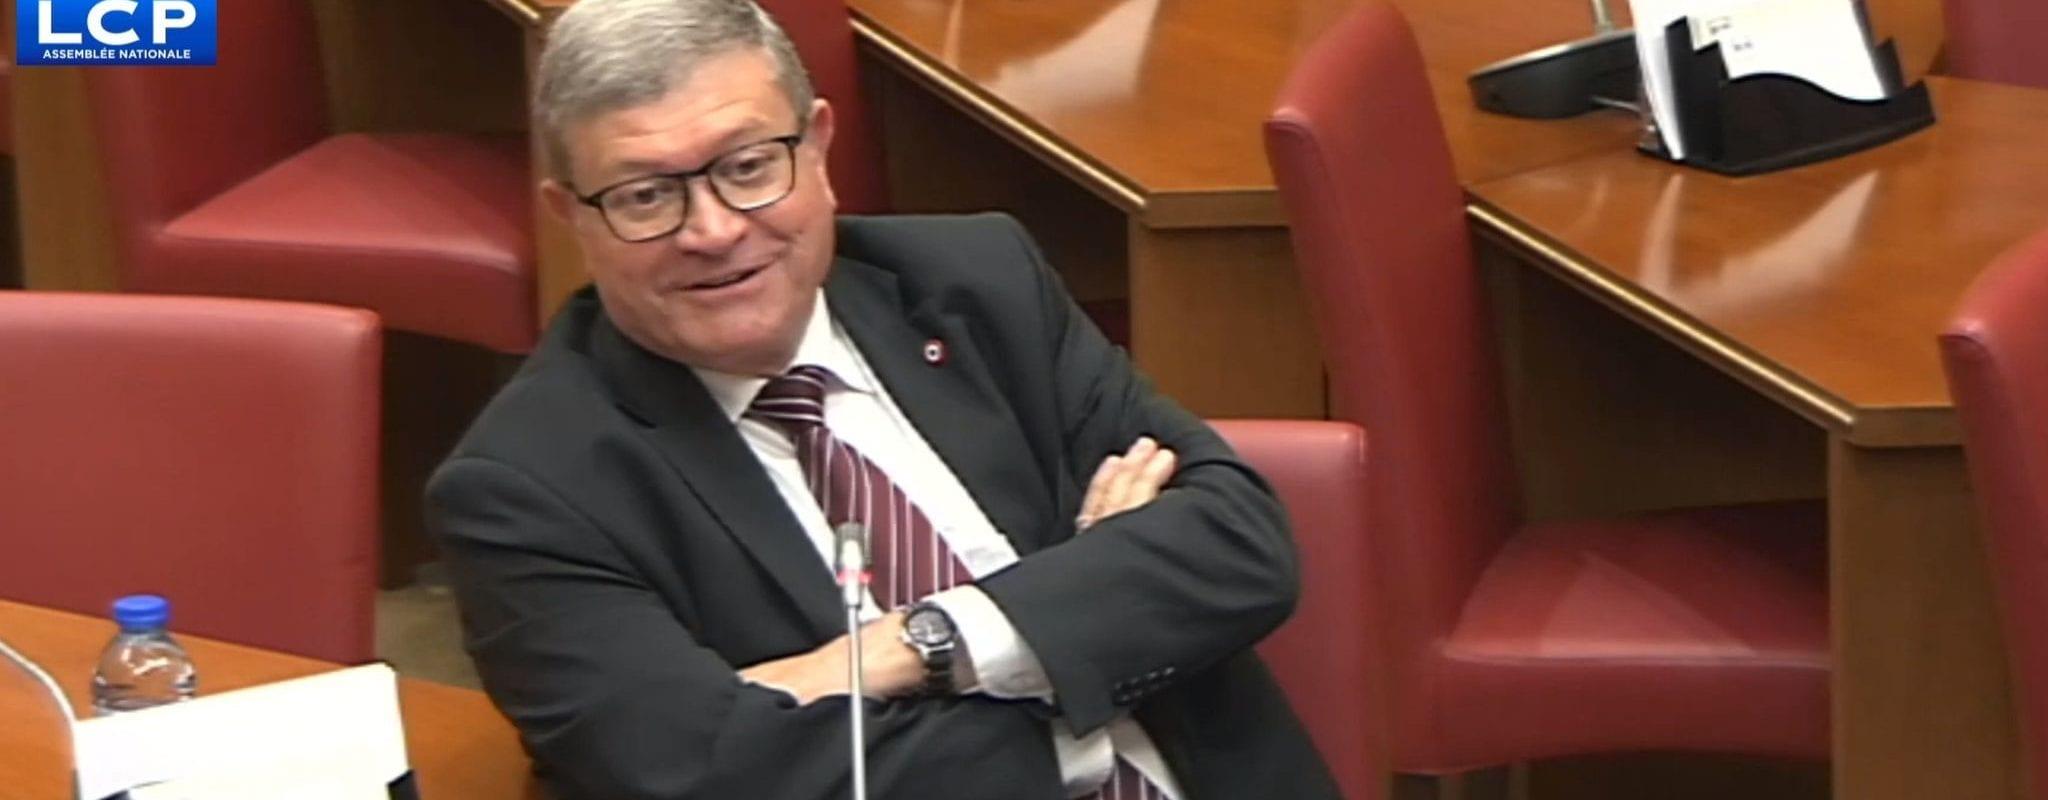 Le député Jean-Luc Reitzer «en a ras la casquette» d'être contrôlé